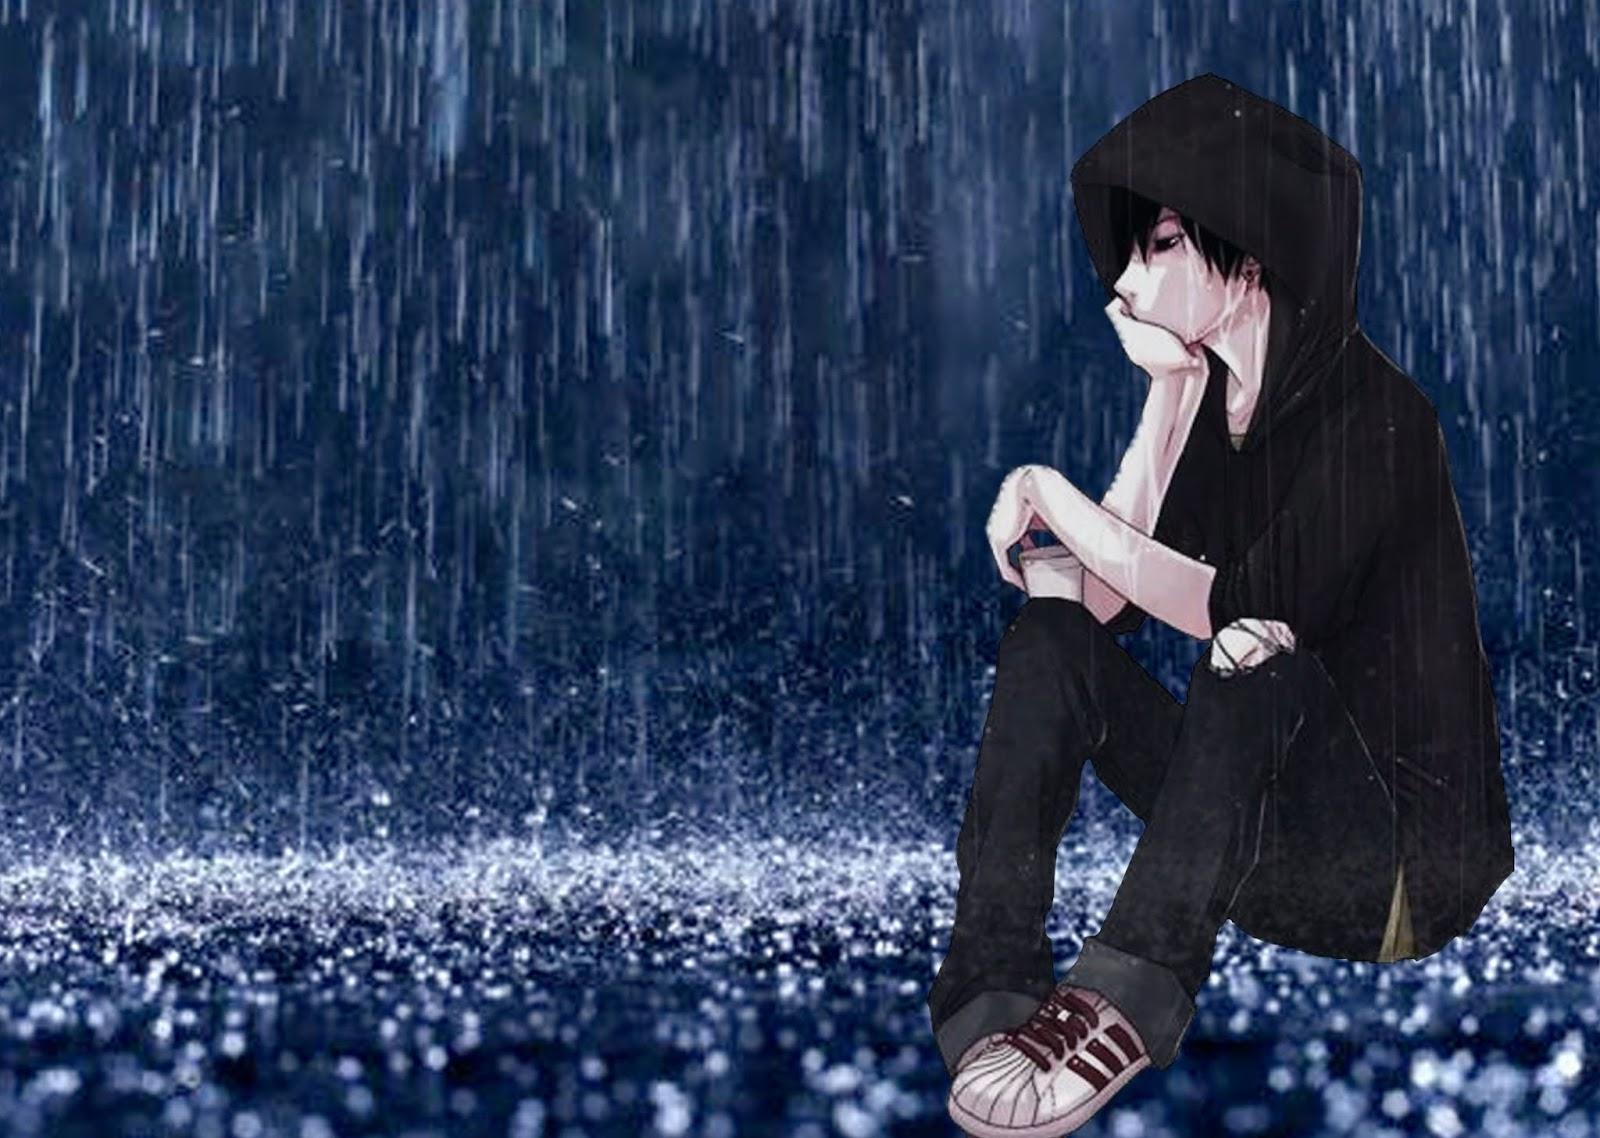 Ảnh hoạt hình chàng trai thất tình ngồi dưới mưa